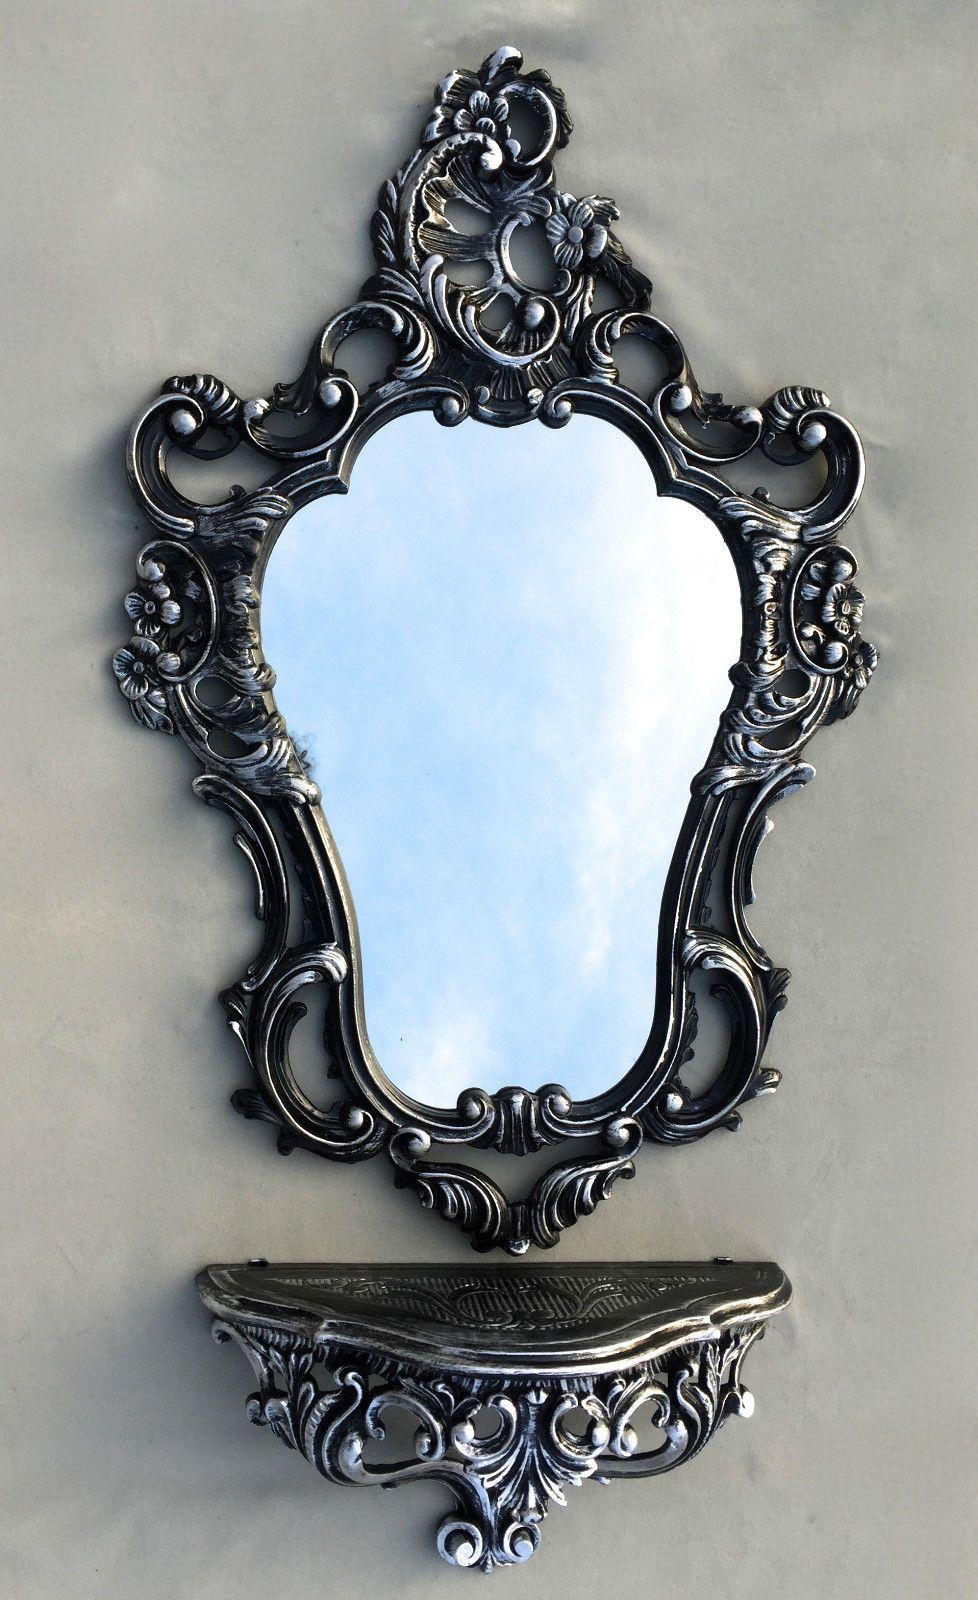 Details zu Wandspiegel Schwarz Silber Barock mit Wandkonsole Antik ...